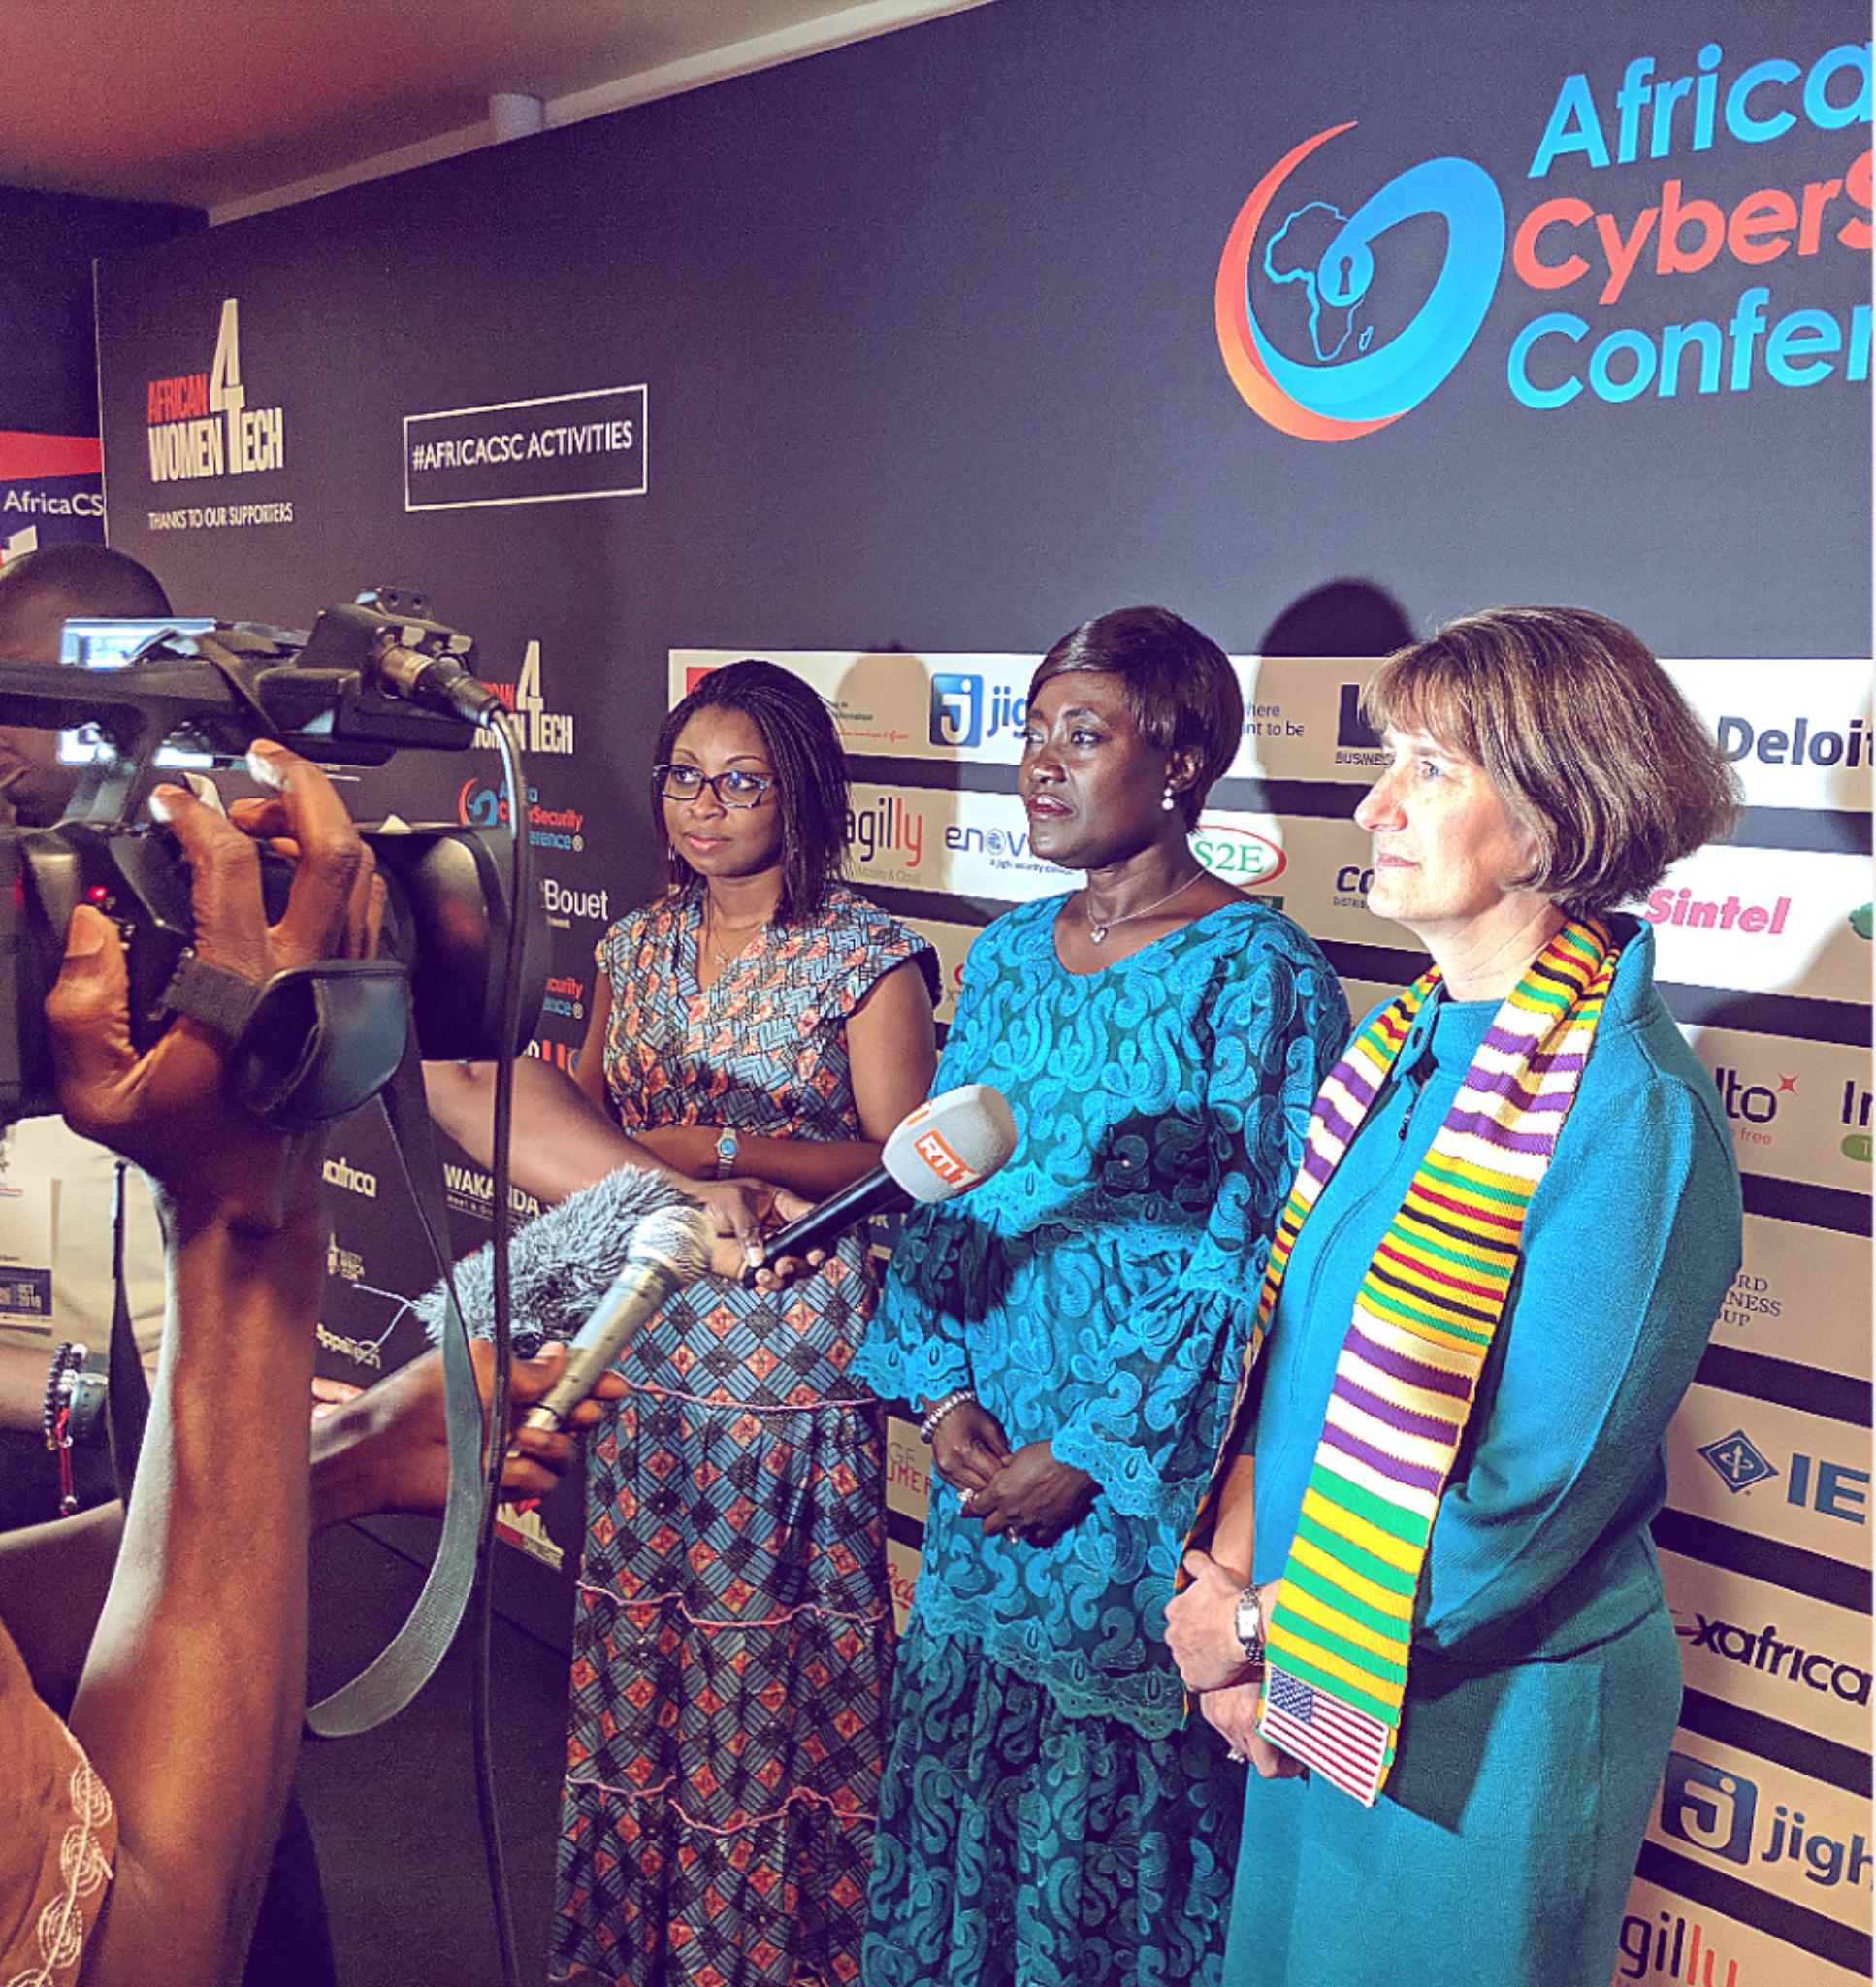 """Edith Yah Brou on LinkedIn: """"Elles n'ont pas hésité à répondre présente à mon panel """"African Women 4 Tech"""". J'ai aussi eu à découvrir et à apprendre """"rapidement"""" les petits rouages du protocole ? Un GRAND MERCI à ces GRANDES DAMES qui m'ont apporté leur soutien.  De gauche à droite : - Aurelie Soule Zoumarou, Ministre de l'Economie Numérique et de la Communication du Bénin - Mariatou Koné, Ministre de la Solidarité, de la Cohésion Sociale et de la Lutte contre la Pauvreté - Katherine Brucker, Chargée d'affaires de l'Ambassade des États-Unis  #AfricaCSC18 #Afro4Tech"""""""